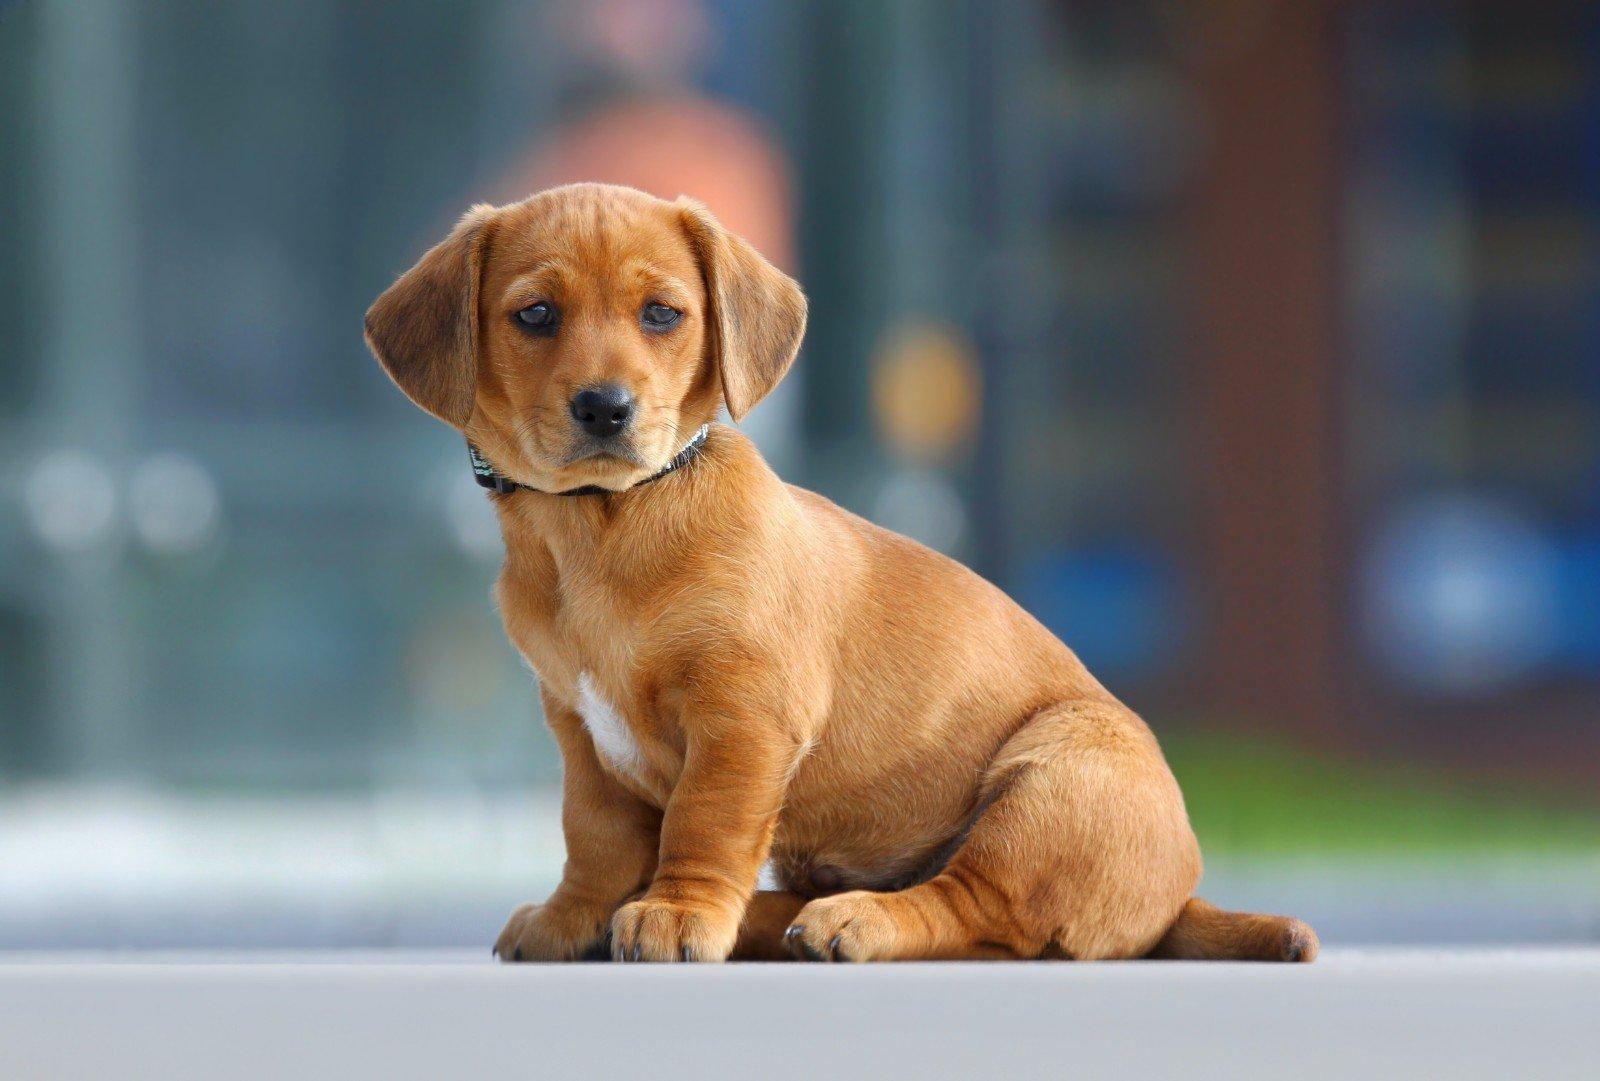 Lo sguardo di un cane triste